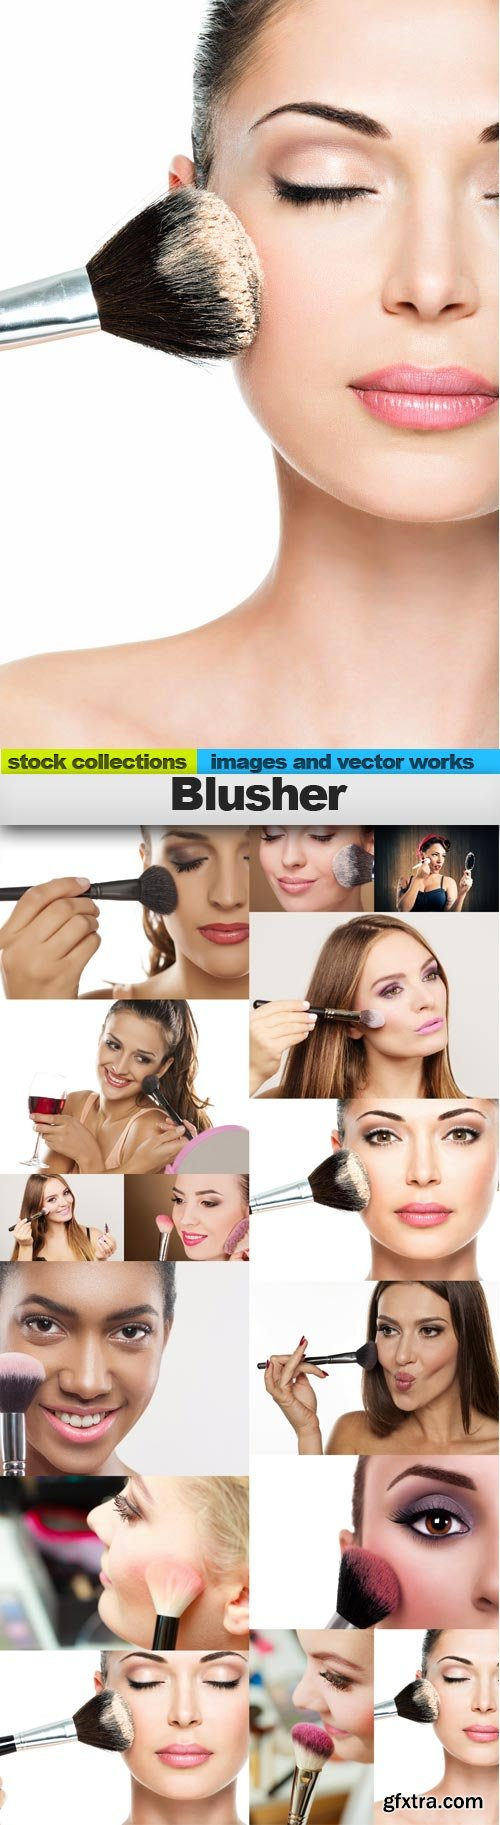 Blusher, 15 x UHQ JPEG